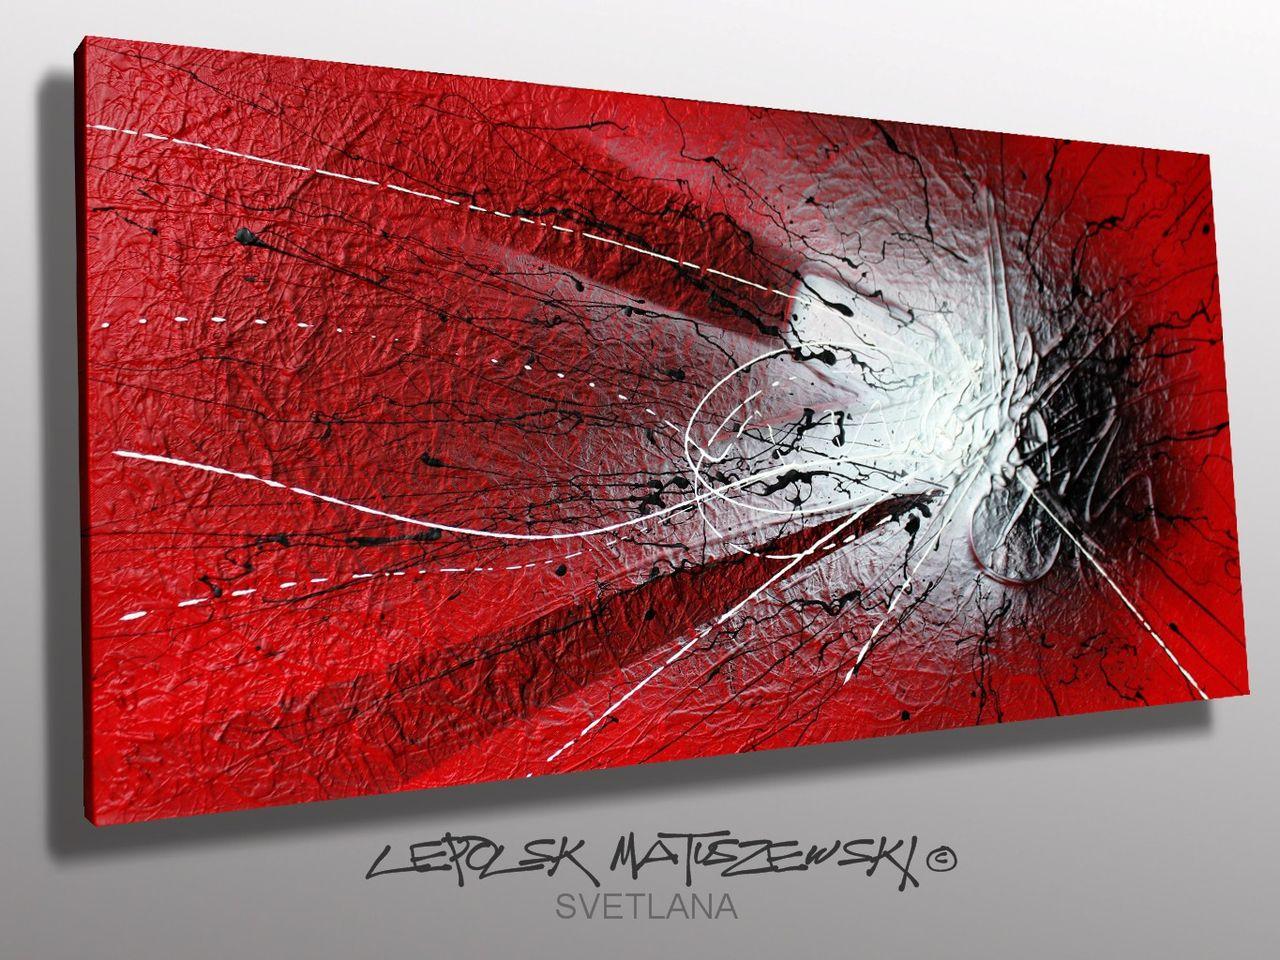 LEPOLSK MATUSZEWSKI SVETLANA   Expressionnisme abstrait contemporain